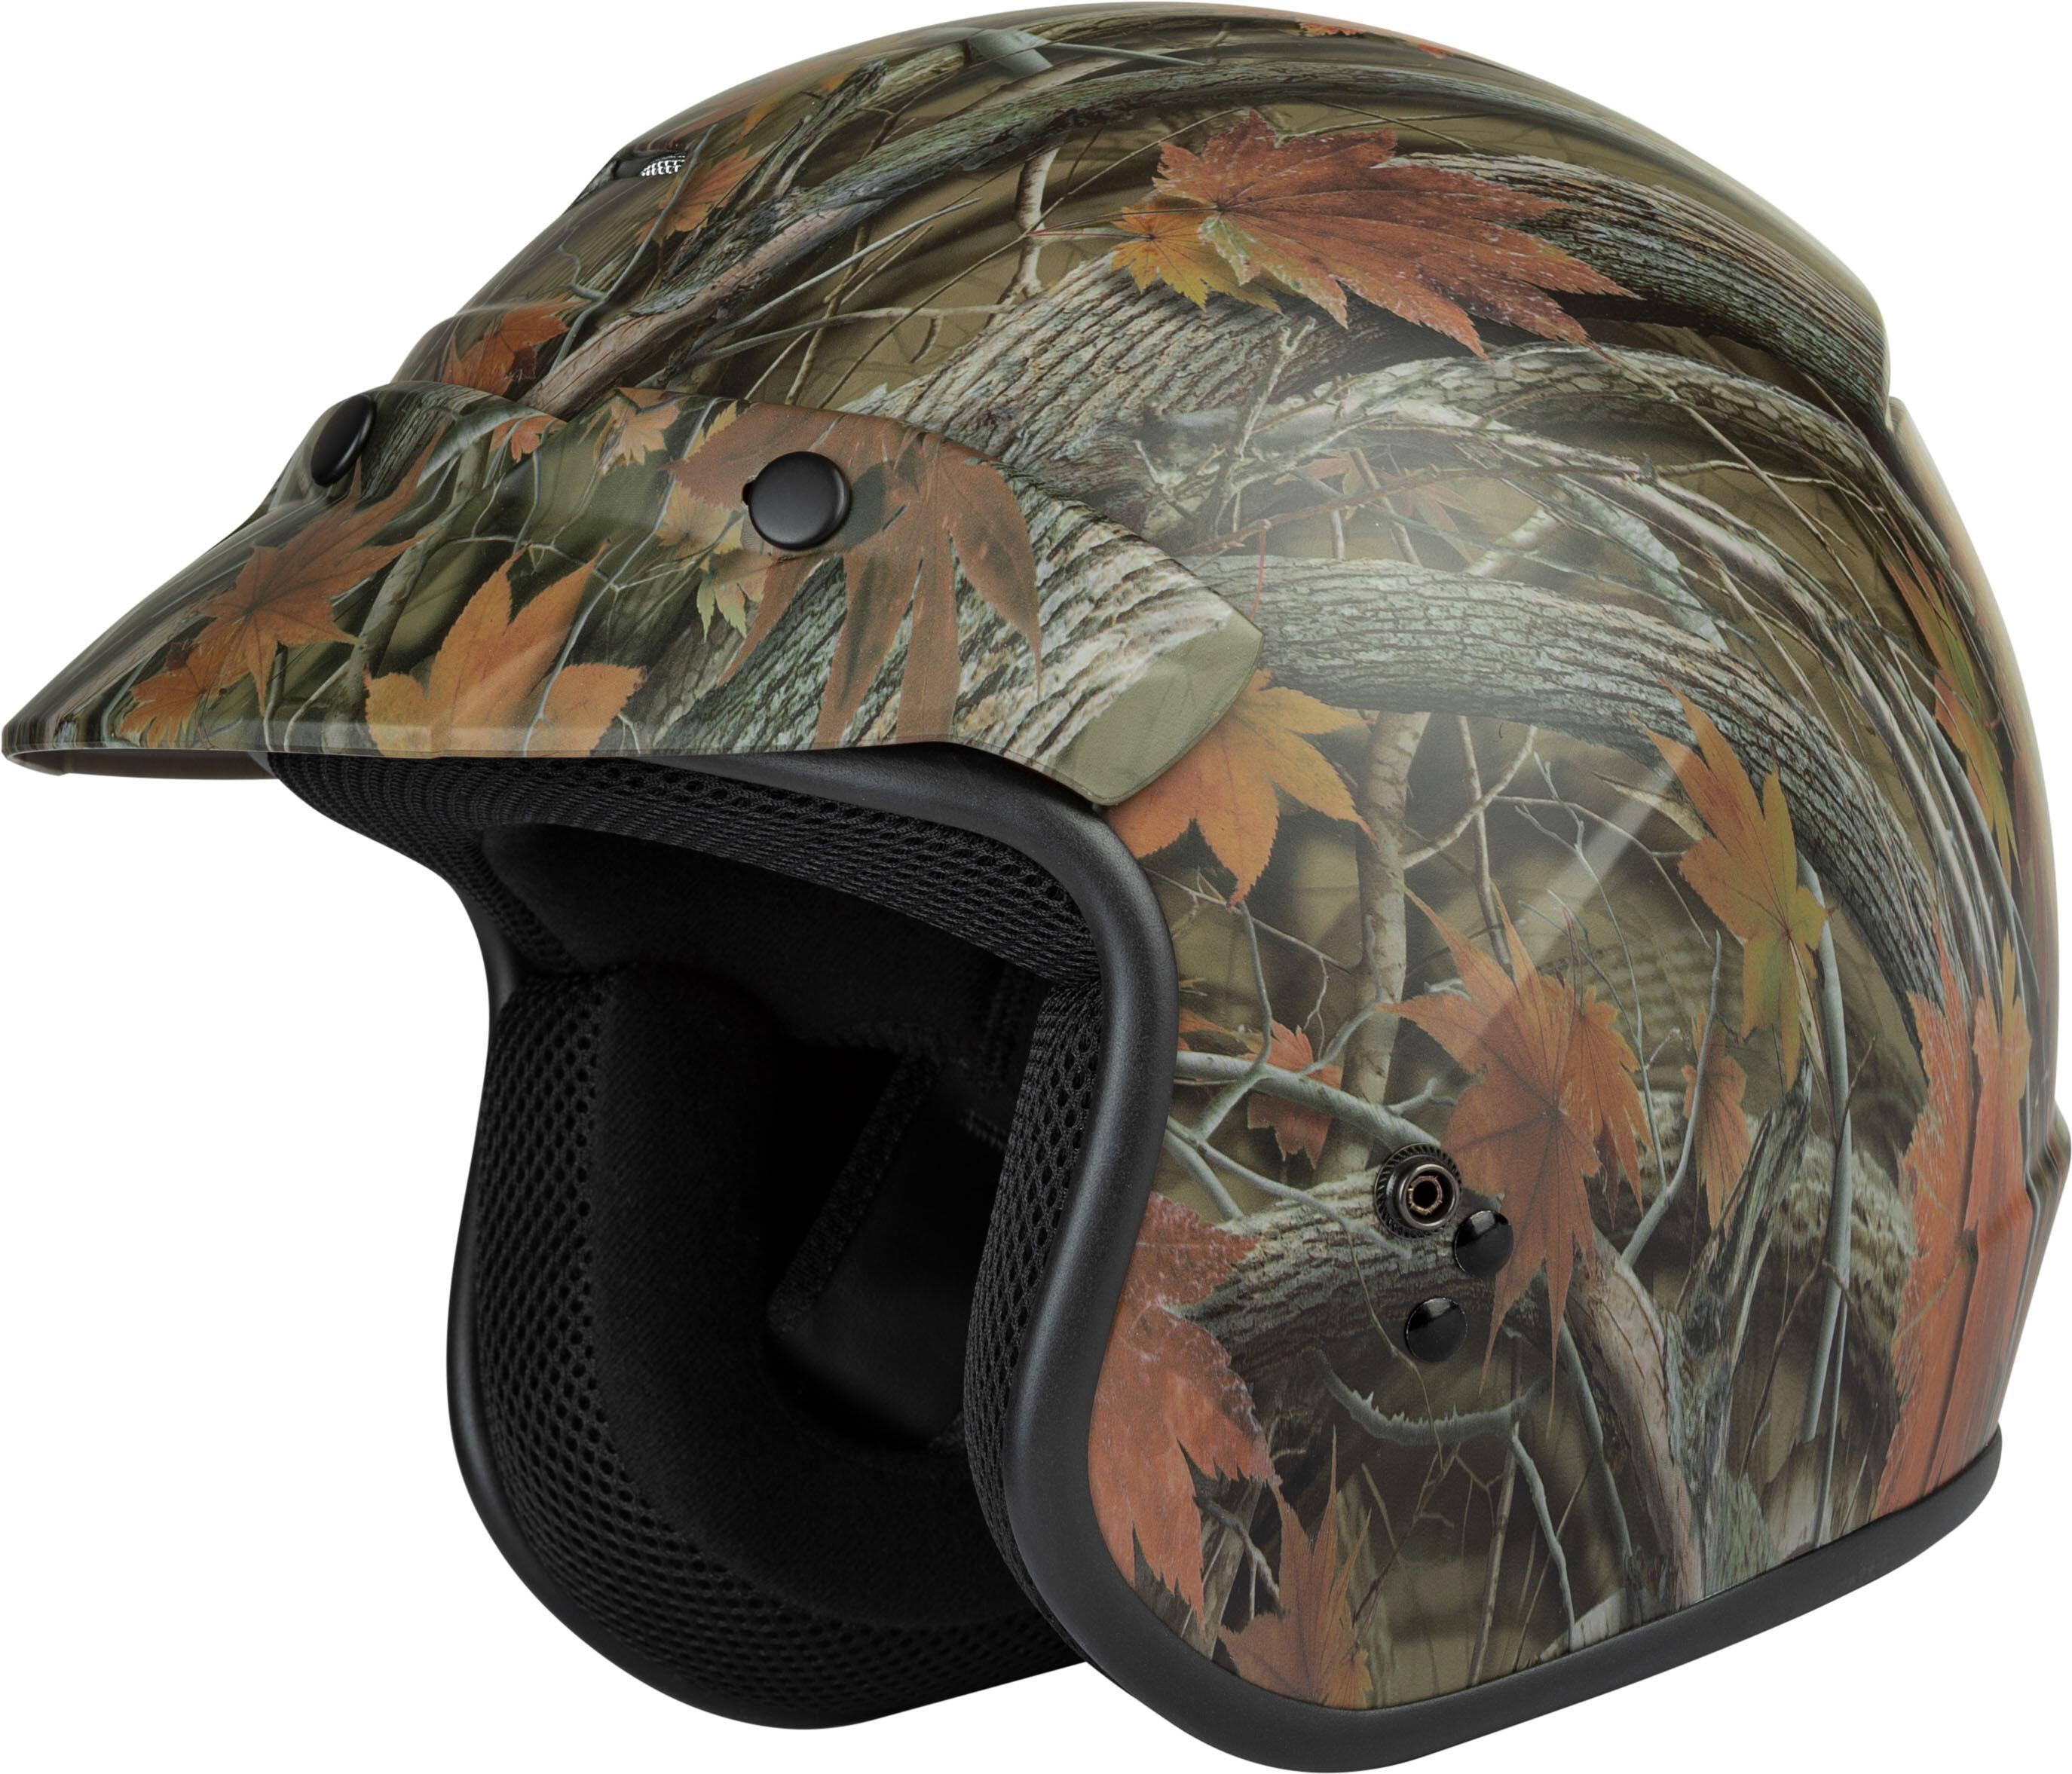 OF-2 Open Face Helmet